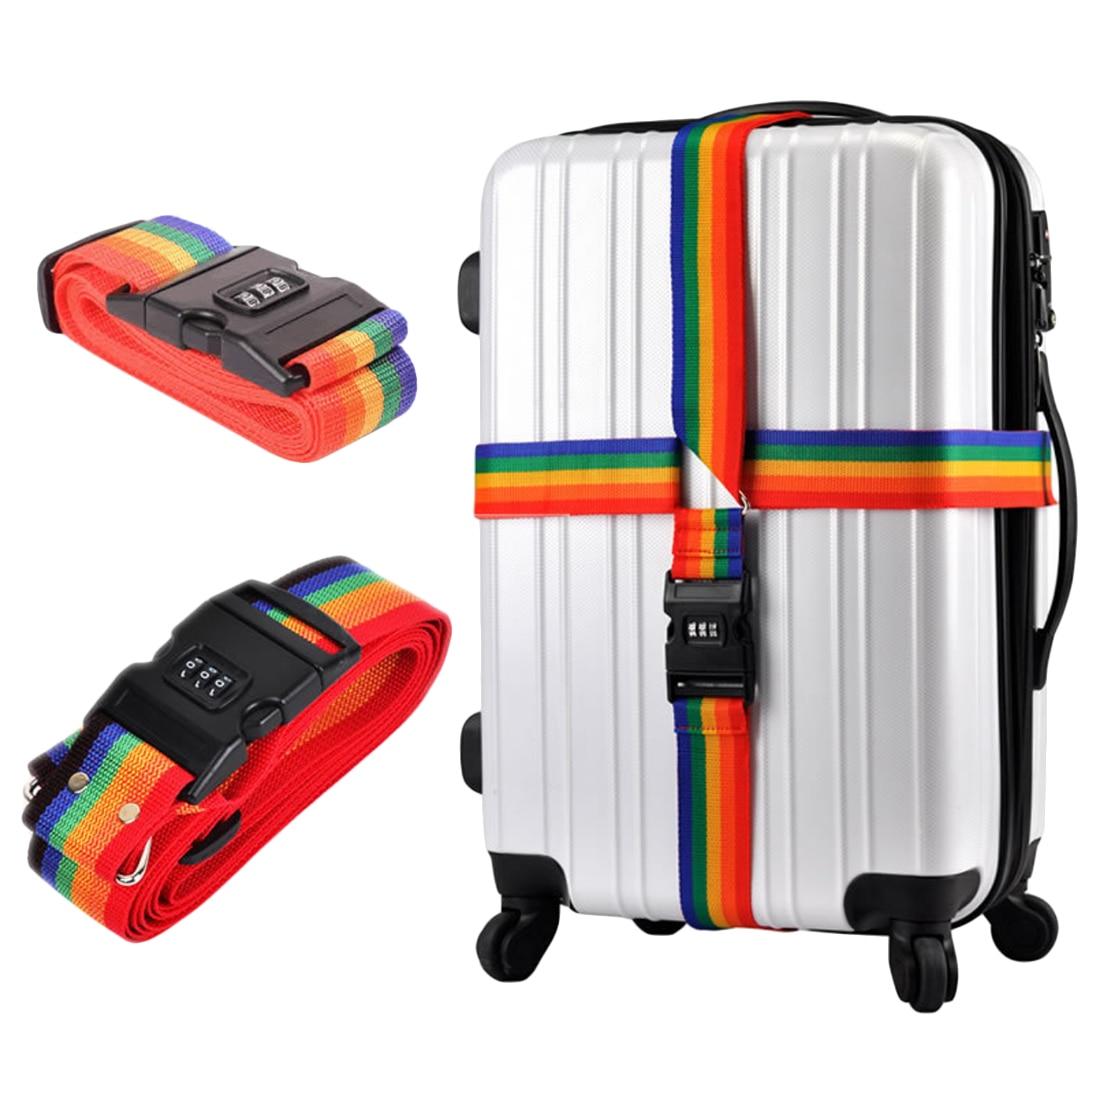 Регулируемый Чемодан ремень паролем чемодан ремень Quick Release Туристические товары багажная сумка пояс с меткой Умный набор инструментов